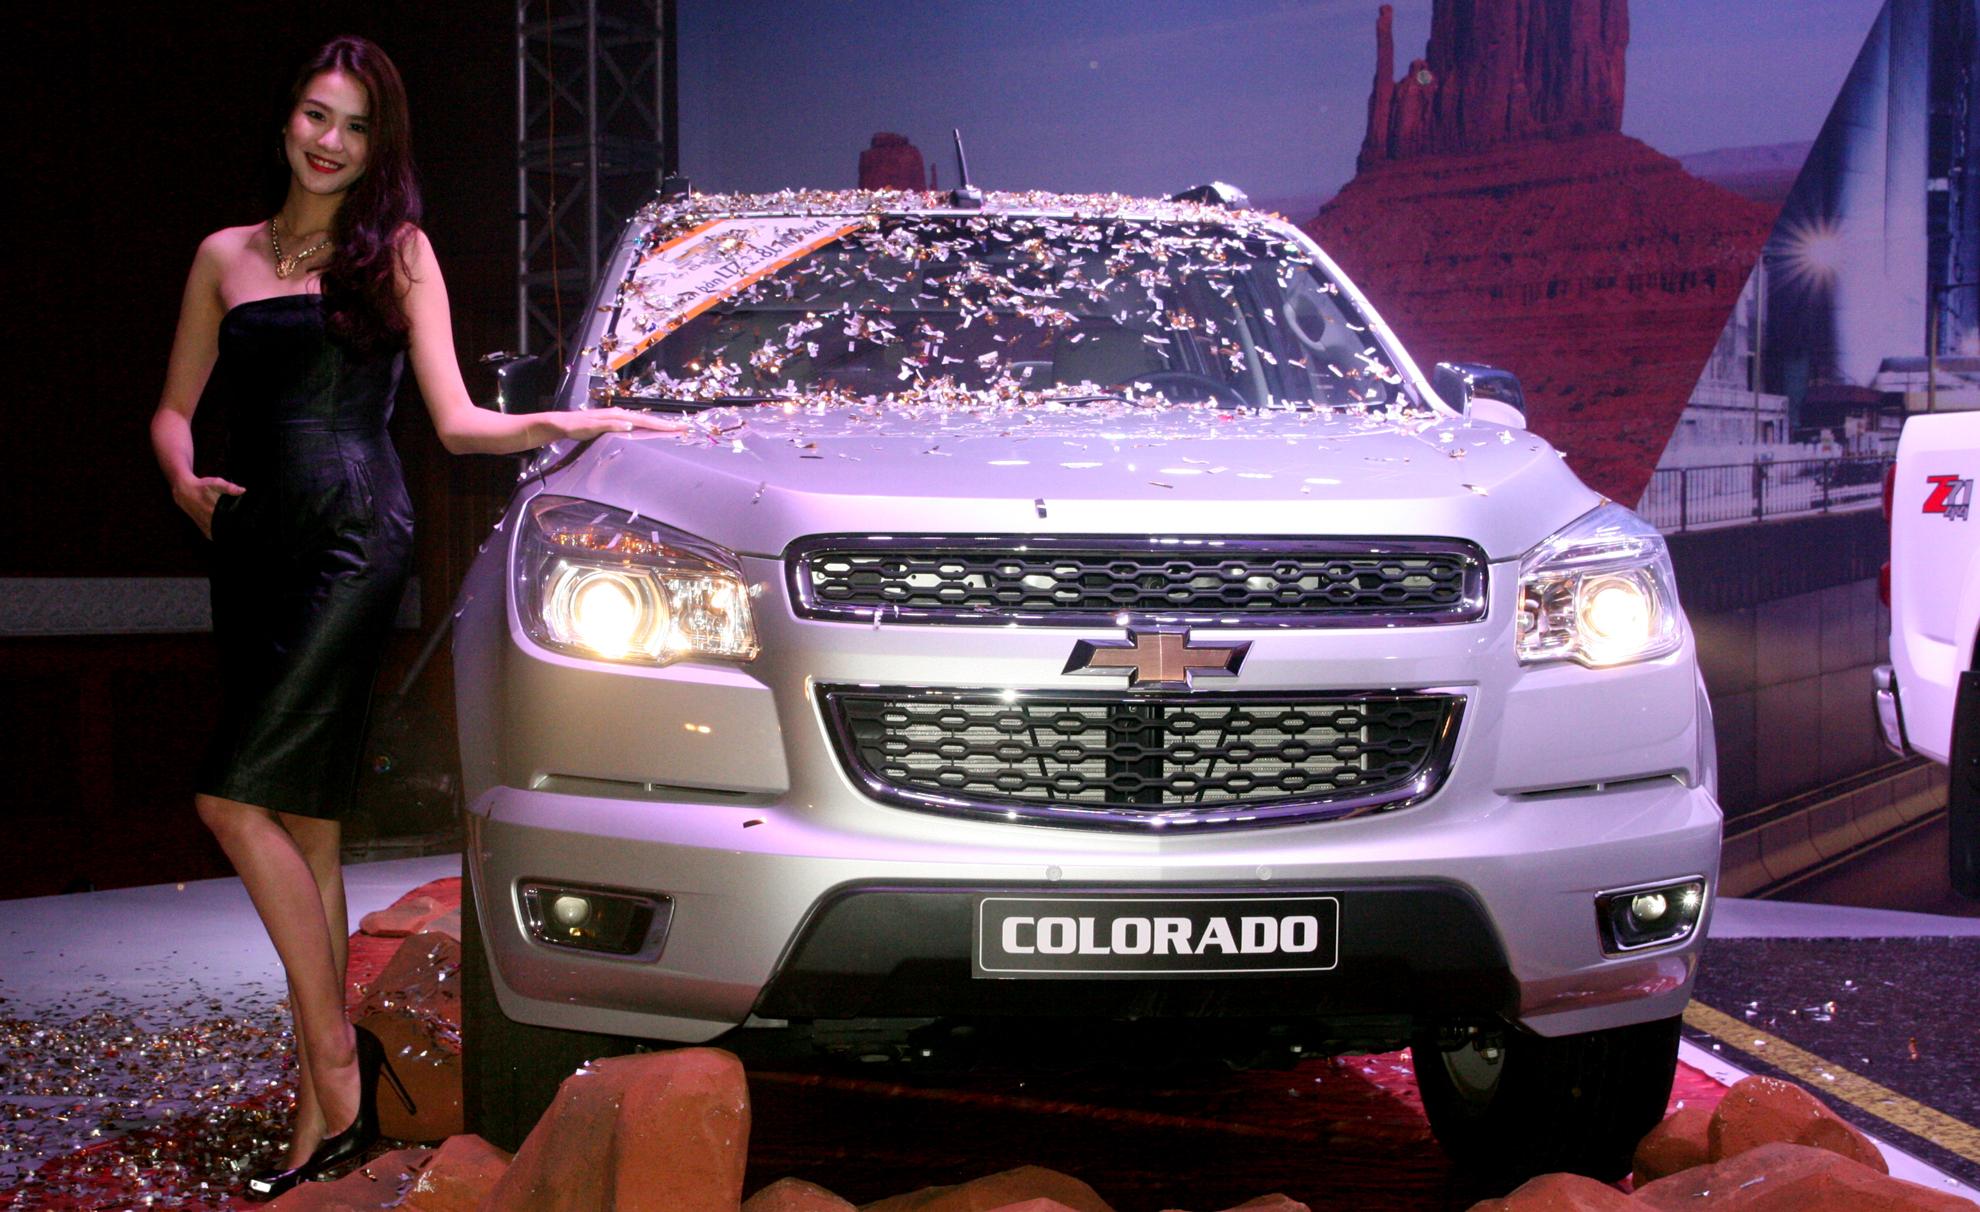 Chevrolet Colorado đang trở thành sự lựa chọn đầy hứa hẹn với những ai muốn mua ô tô giá rẻ dòng bán tải